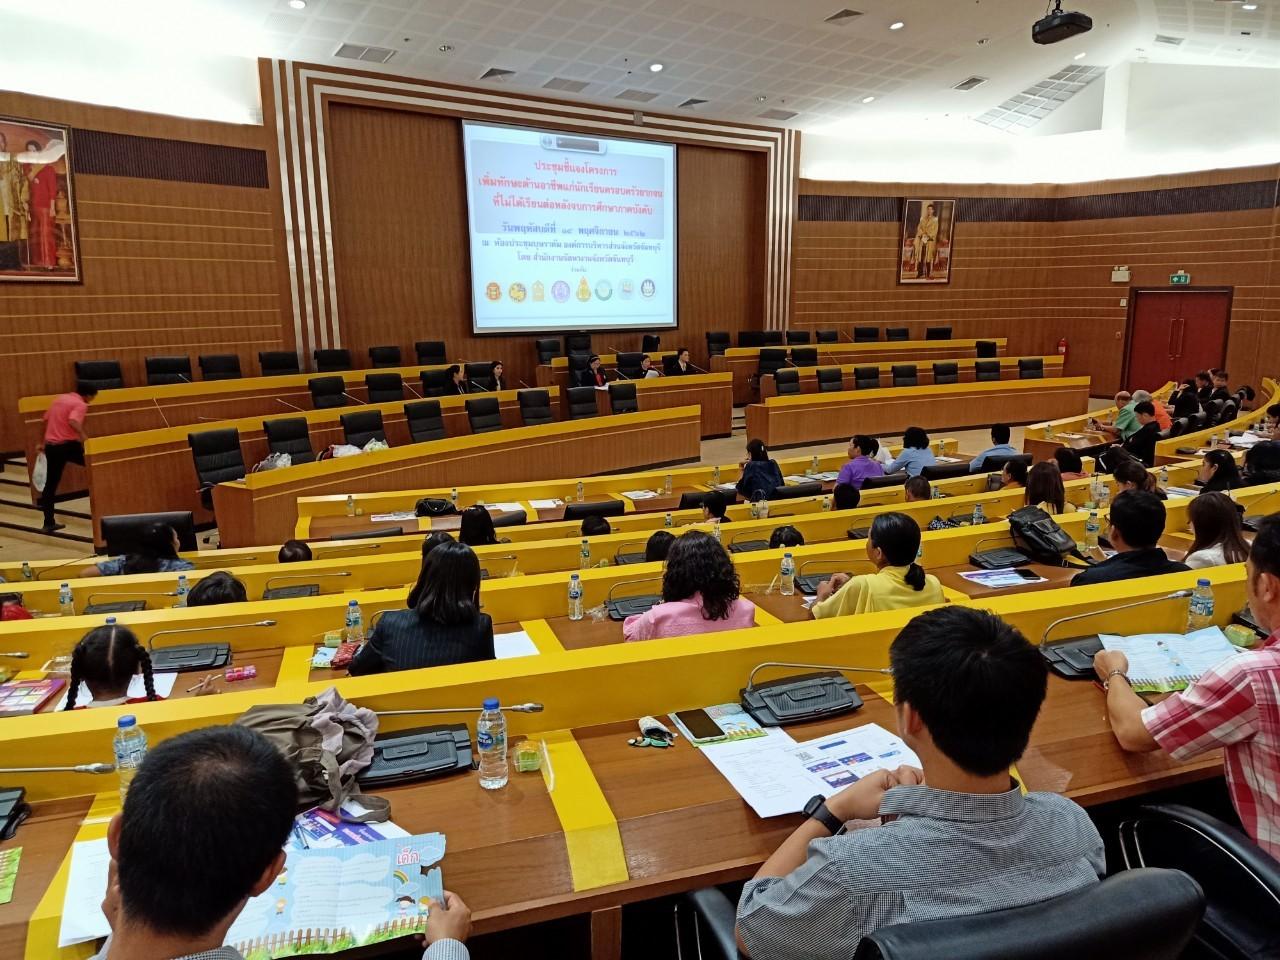 ประชุมชี้แจงโครงการฯดังกล่าวแก่ผู้อำนวยการโรงเรียนและครูแนะแนว